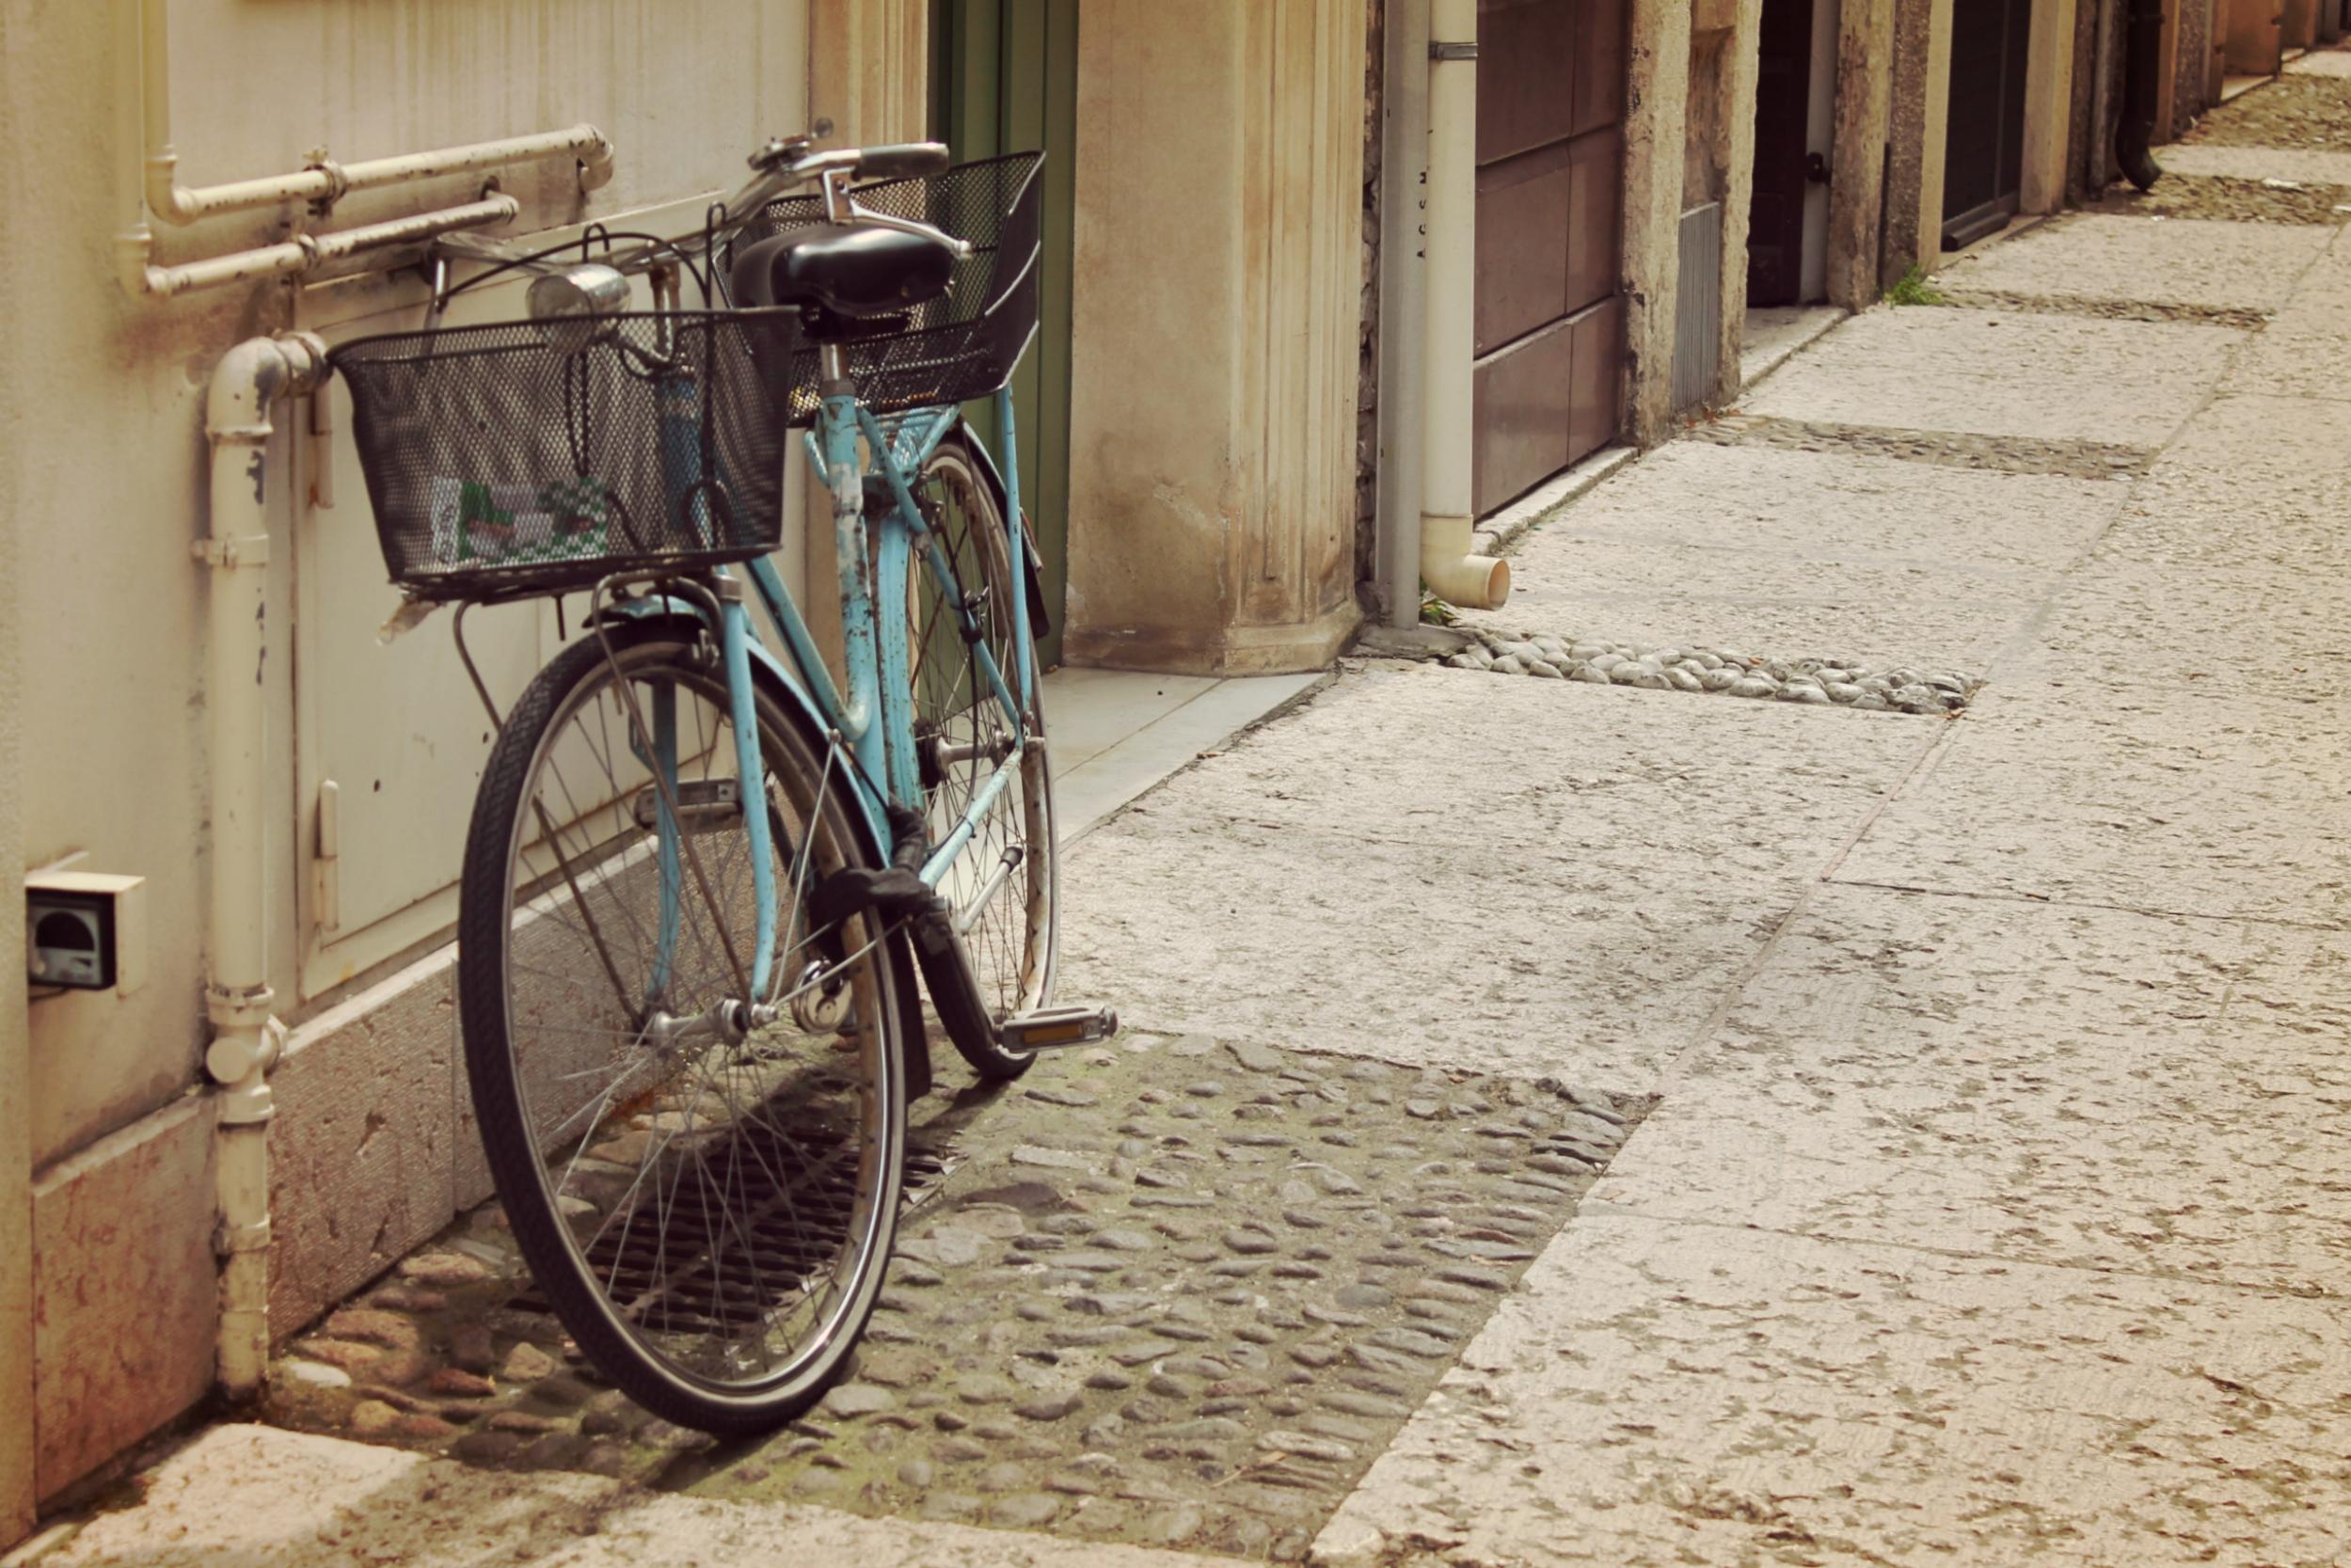 Hintergrundbilder : Stadt, Straße, Italien, Fahrrad, städtisch ...